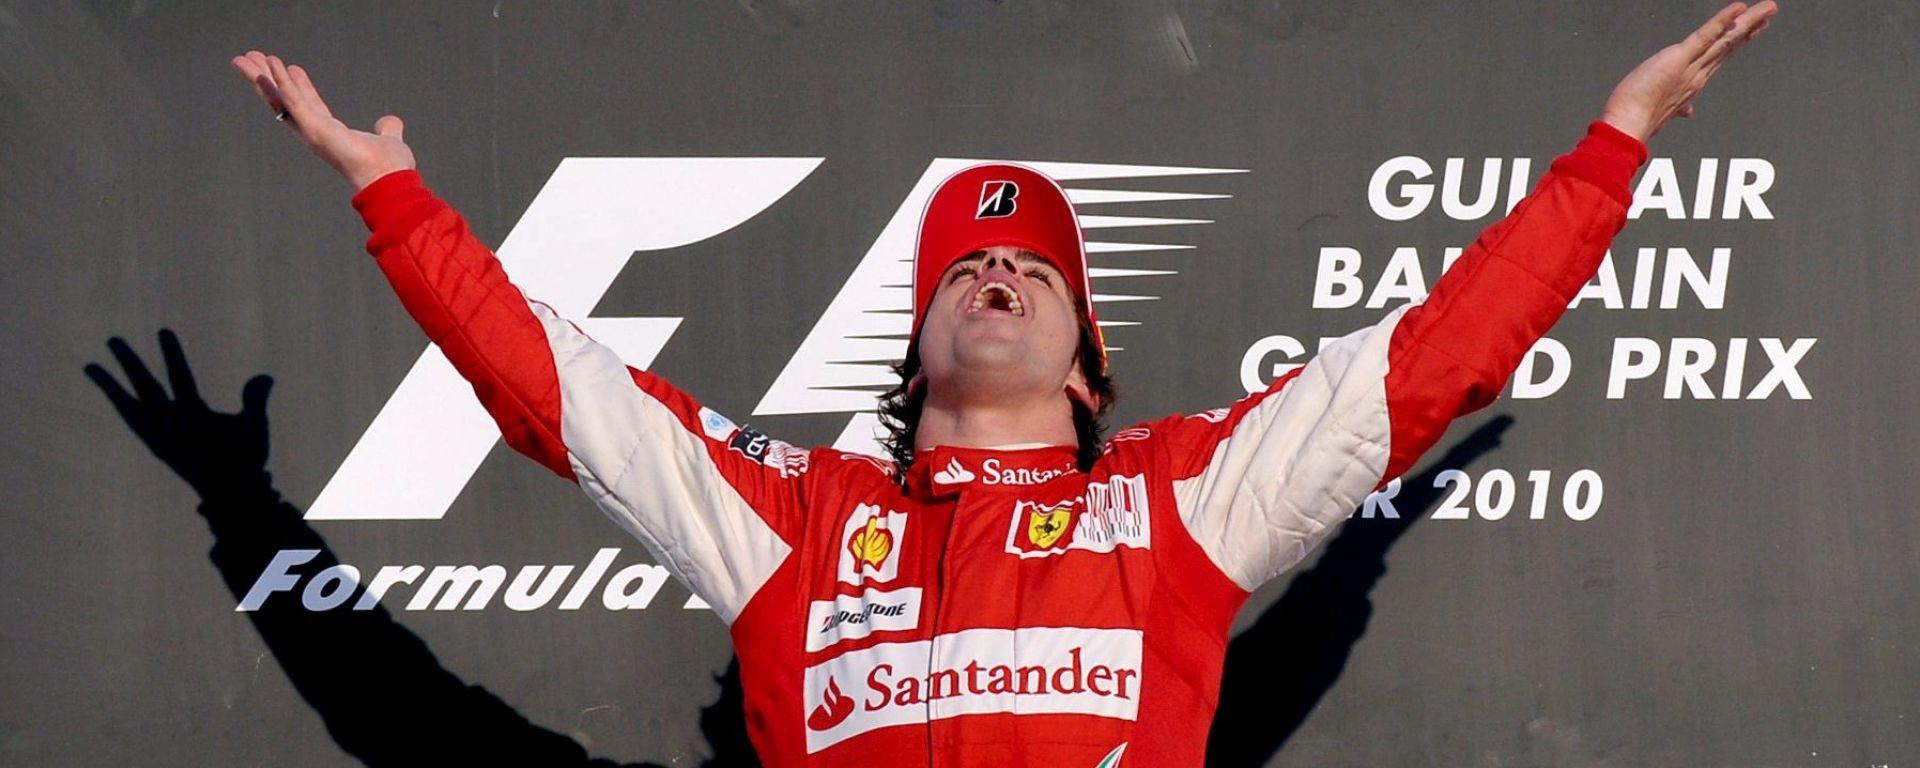 Fernando Alonso - Scuderia Ferrari, F1 2010